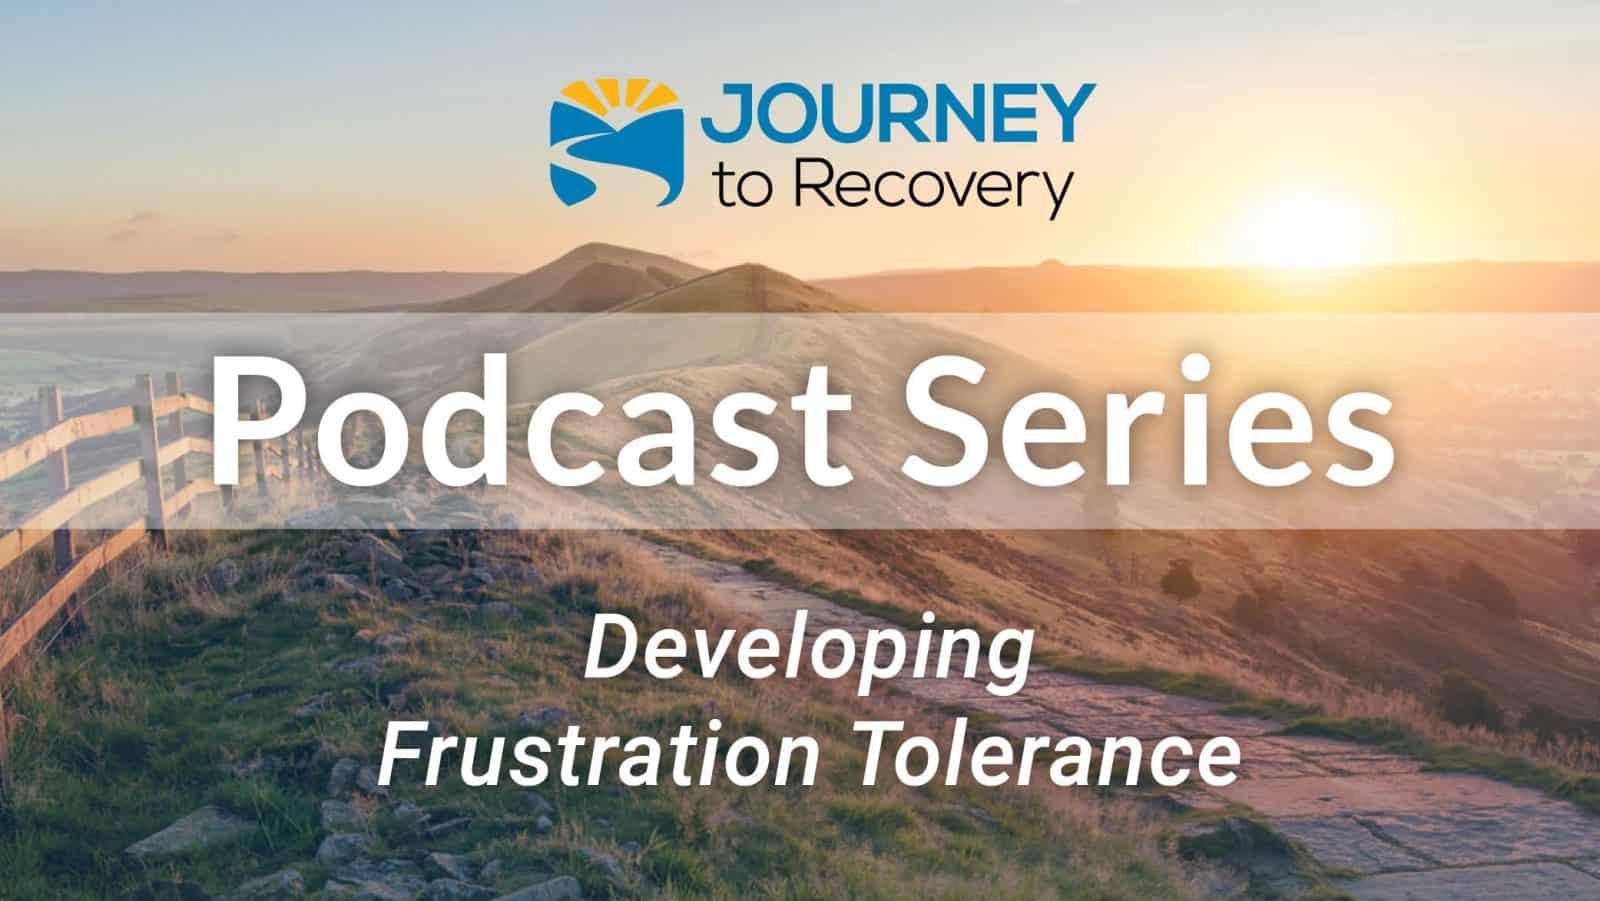 Developing Frustration Tolerance